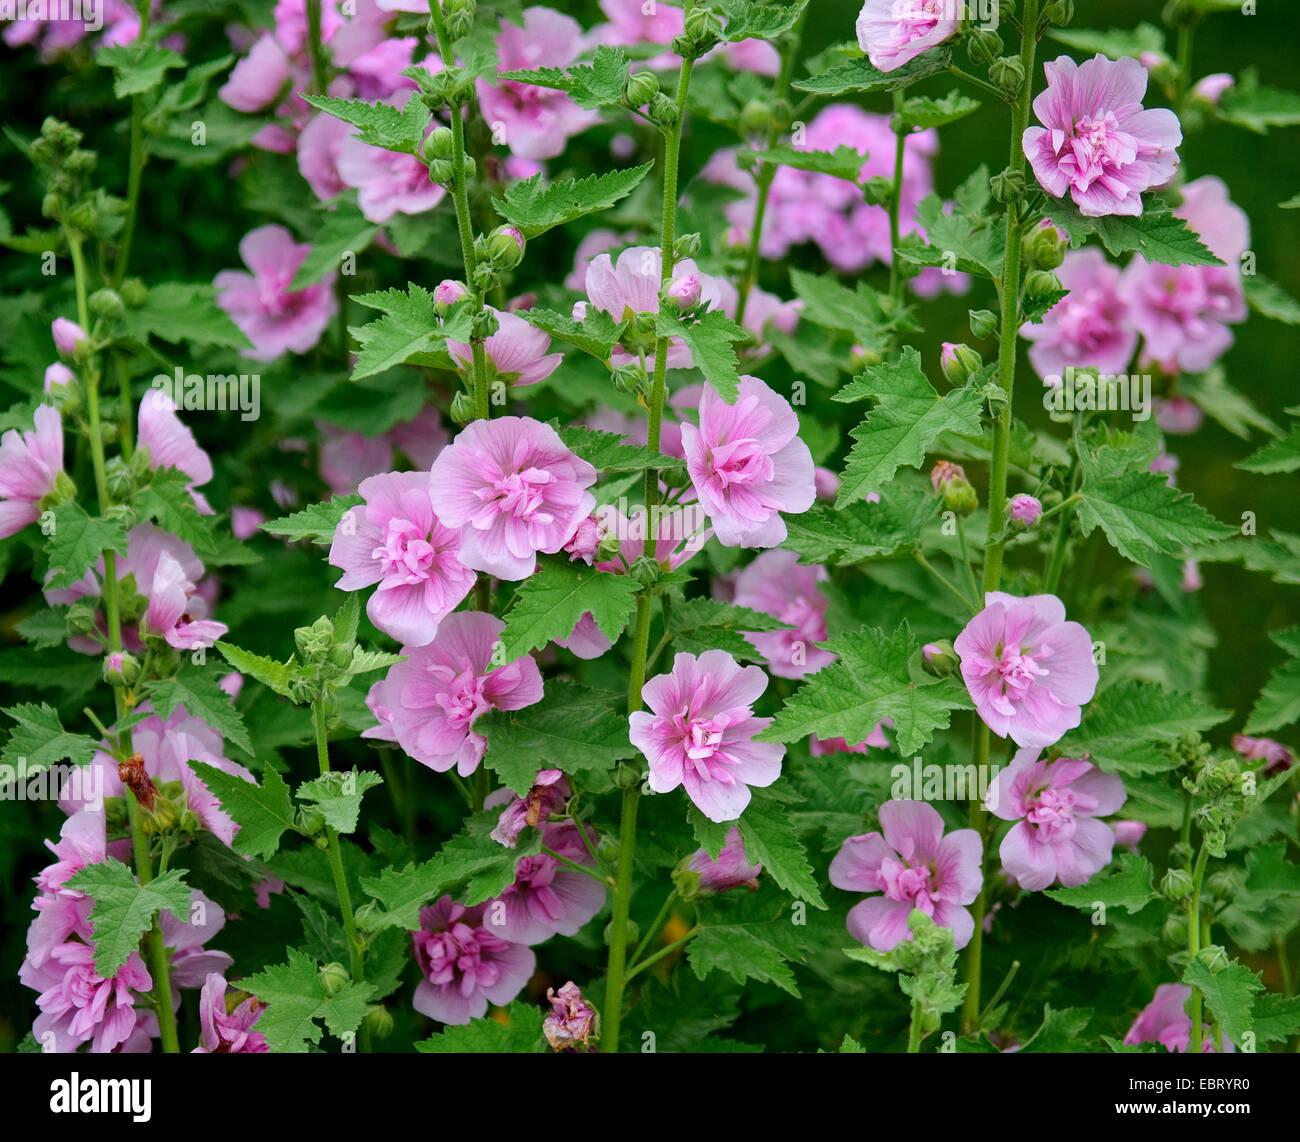 Holly hock hollyhock alcea rosea 39 parkrondell 39 alcea for Alcea rosea